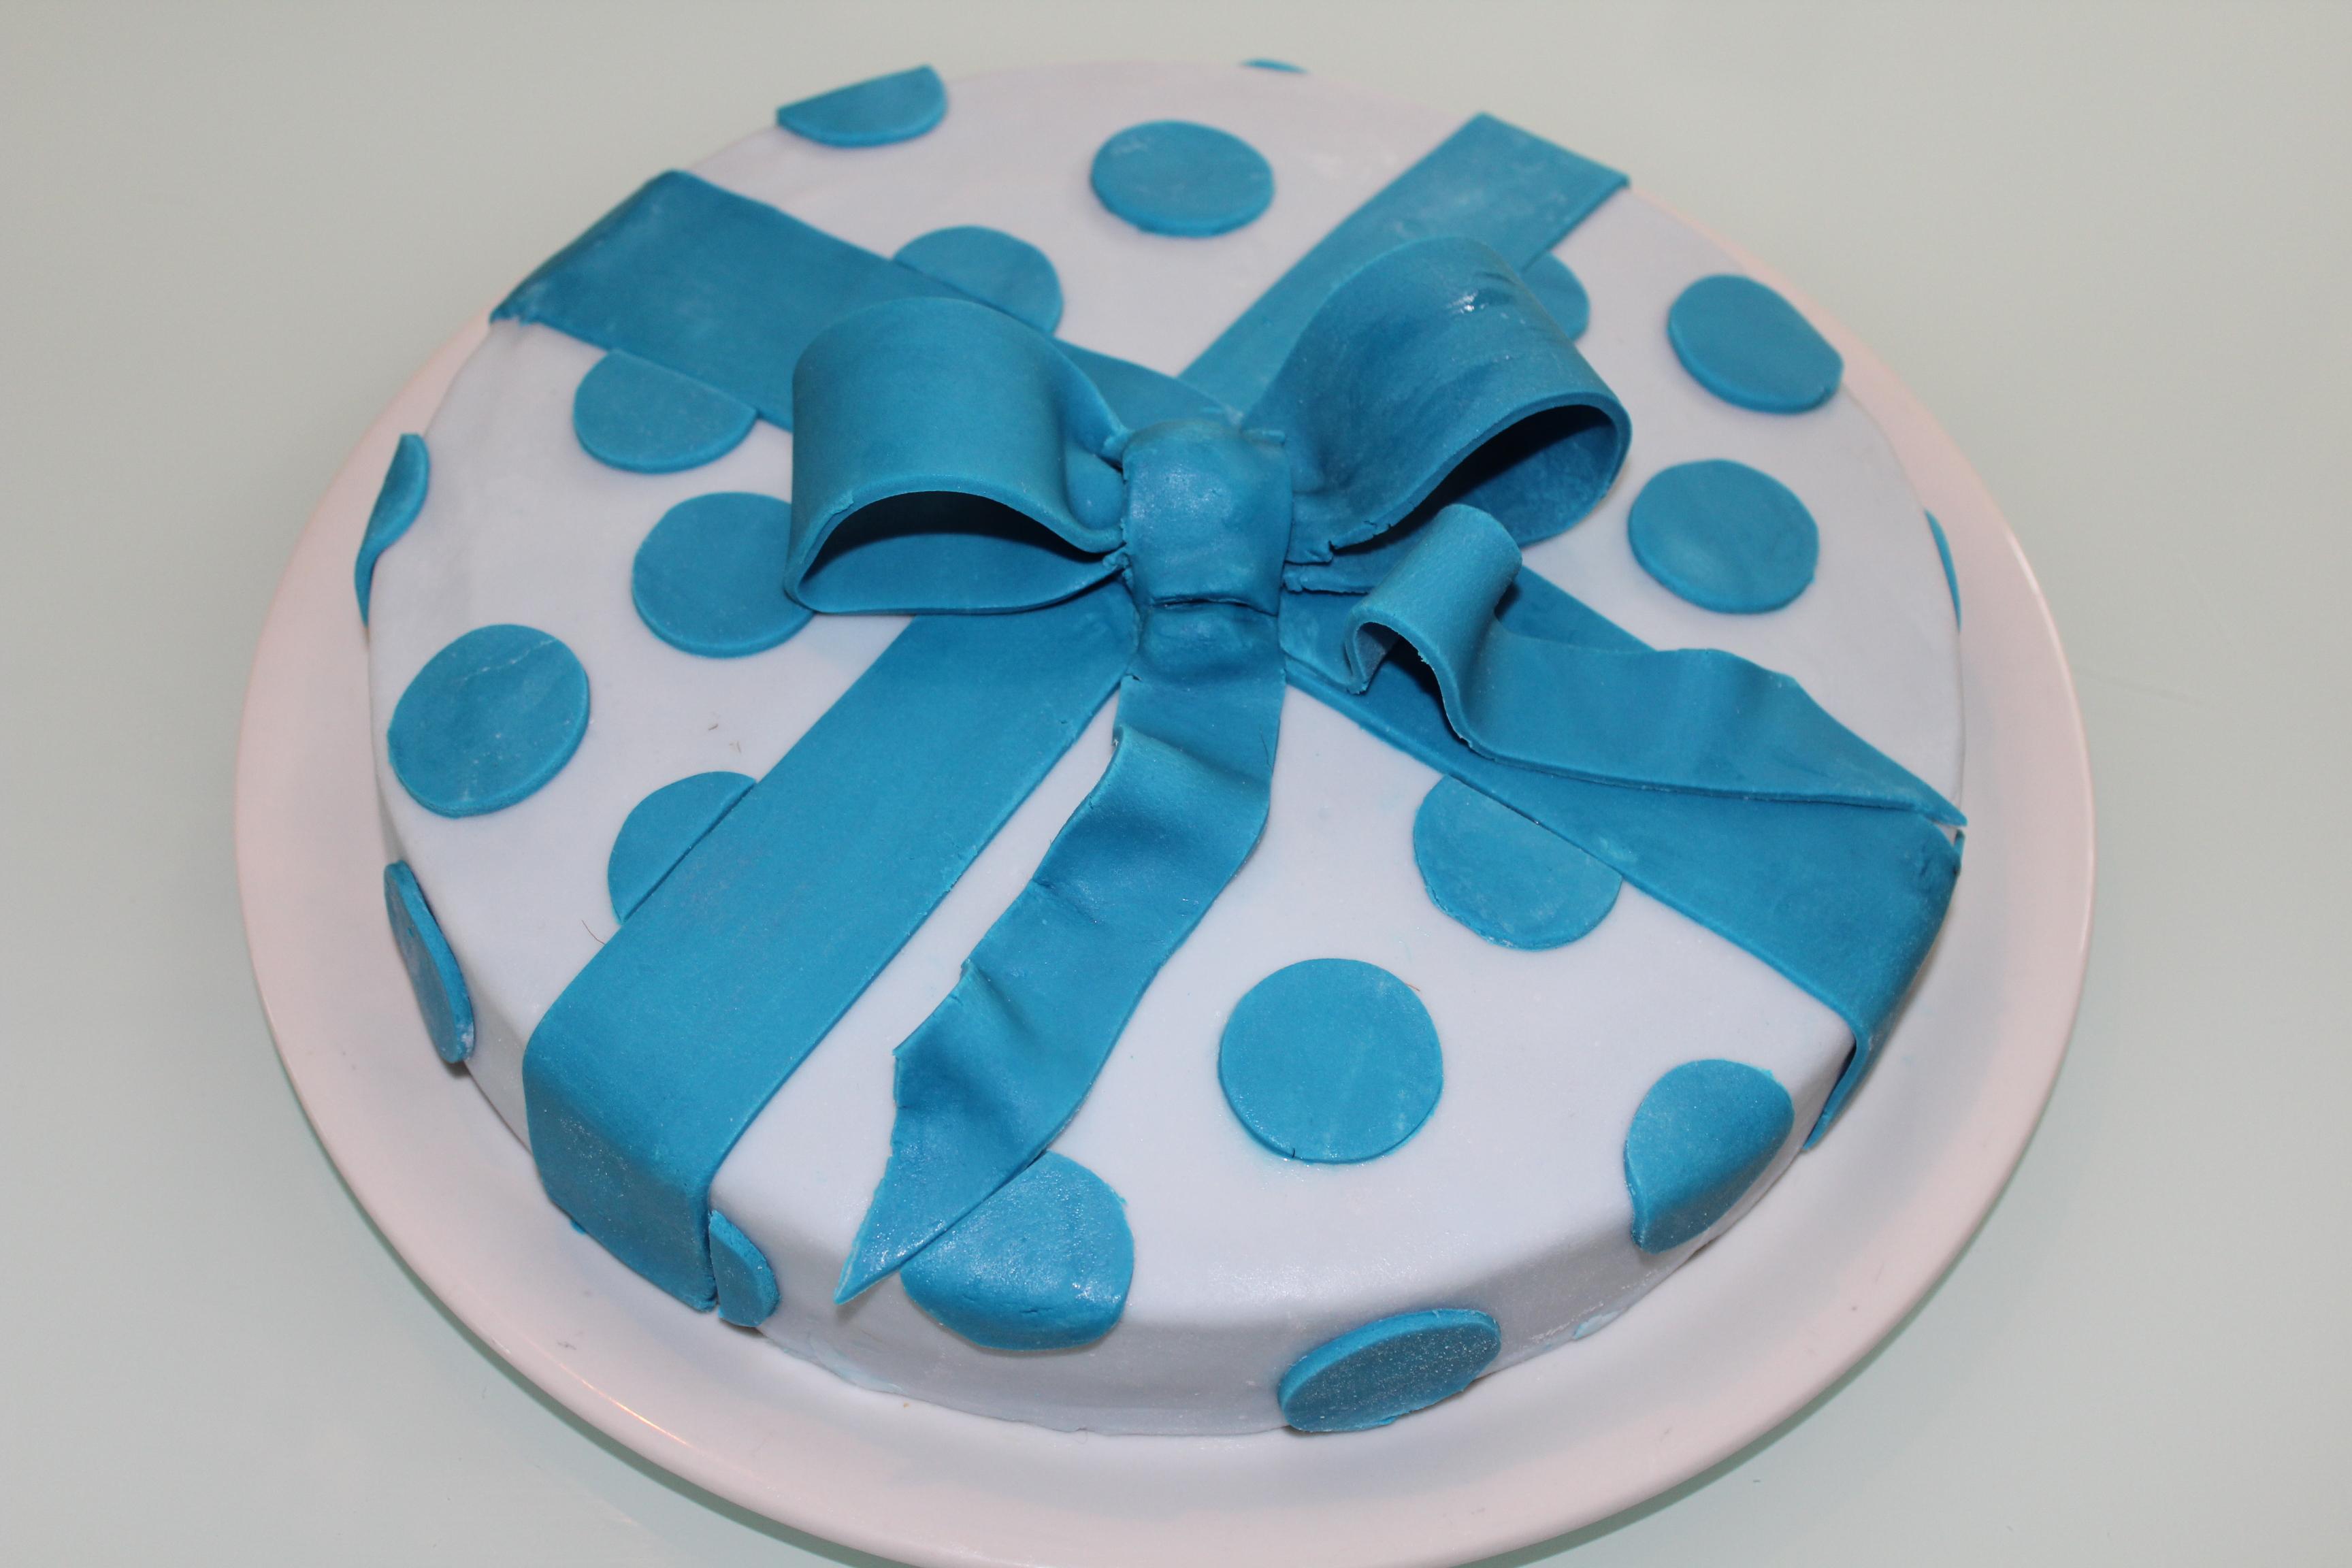 Kuchen Blau Weiss Rot Kuche Grau Blau Entdecken Sie Alles Von Zuhause